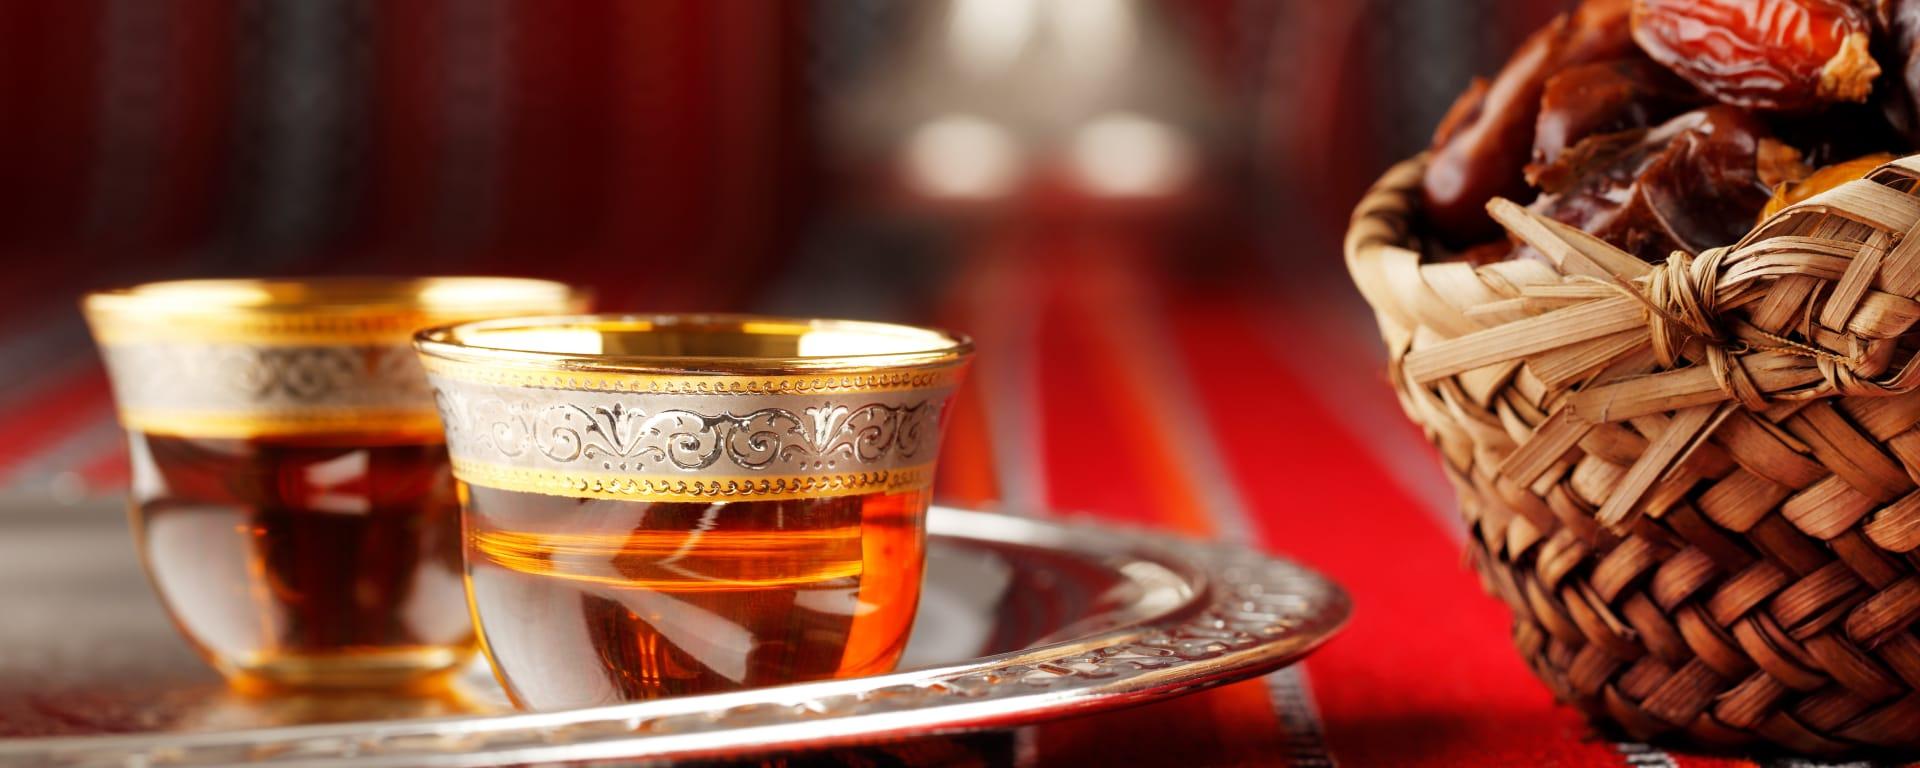 Saudi Arabien entdecken mit Tischler Reisen: Saudi Arabien Orientalisches Willkommen